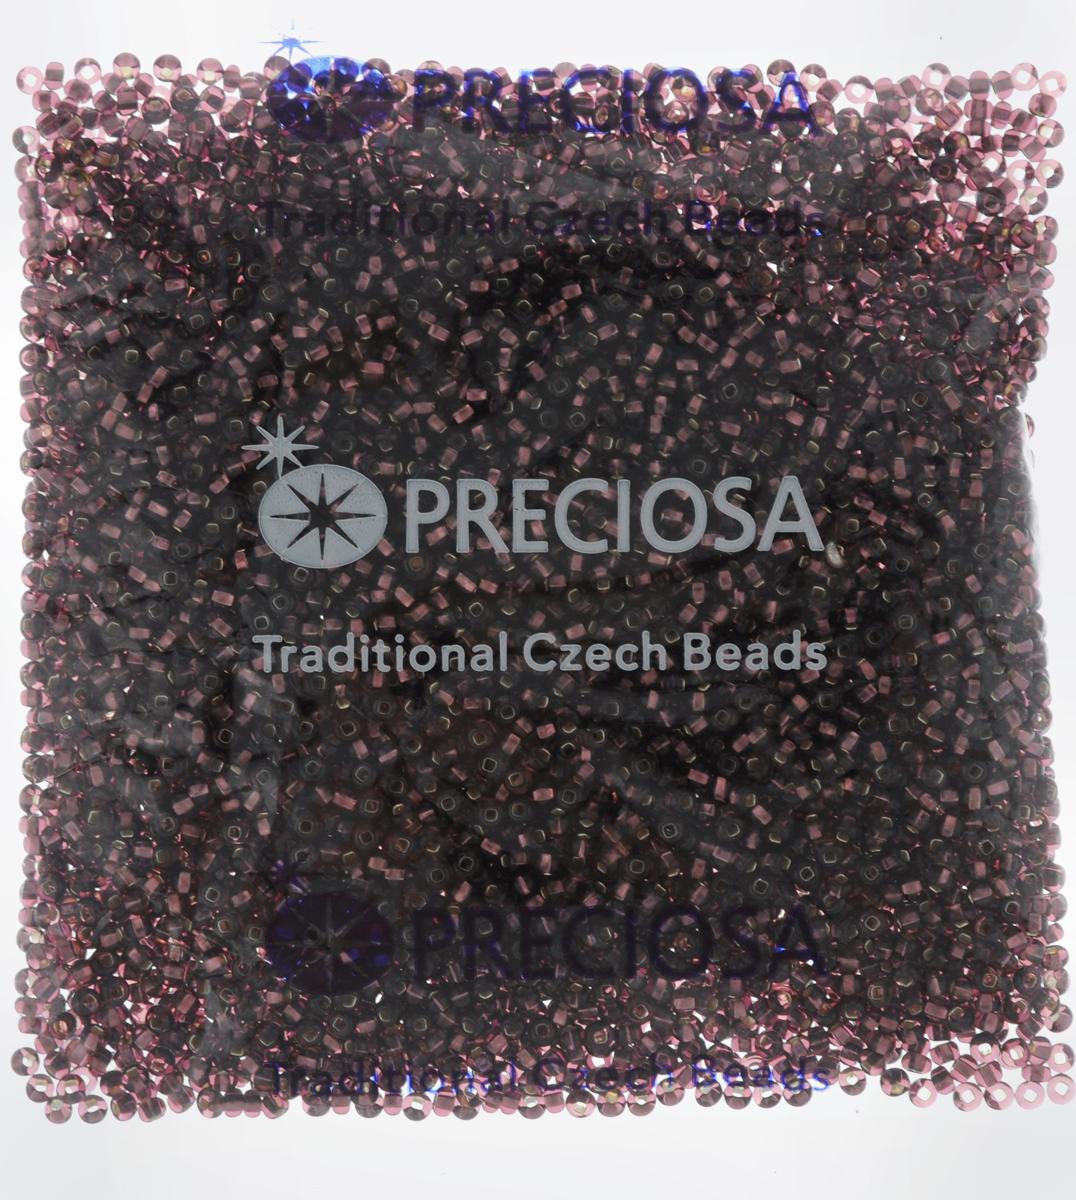 Бисер Preciosa Ассорти, с серебристой серединой, цвет: темно-фиолетовый (08), 10/0, 50 г. 163142163142_08_темно-фиолетовыйБисер Preciosa Ассорти, изготовленный из стекла круглой формы с серебристой серединой, позволит вам своими руками создать оригинальные ожерелья, бусы или браслеты, а также заняться вышиванием. В бисероплетении часто используют бисер разных размеров и цветов. Он идеально подойдет для вышивания на предметах быта и женской одежде. Изготовление украшений - занимательное хобби и реализация творческих способностей рукодельницы, это возможность создания неповторимого индивидуального подарка.